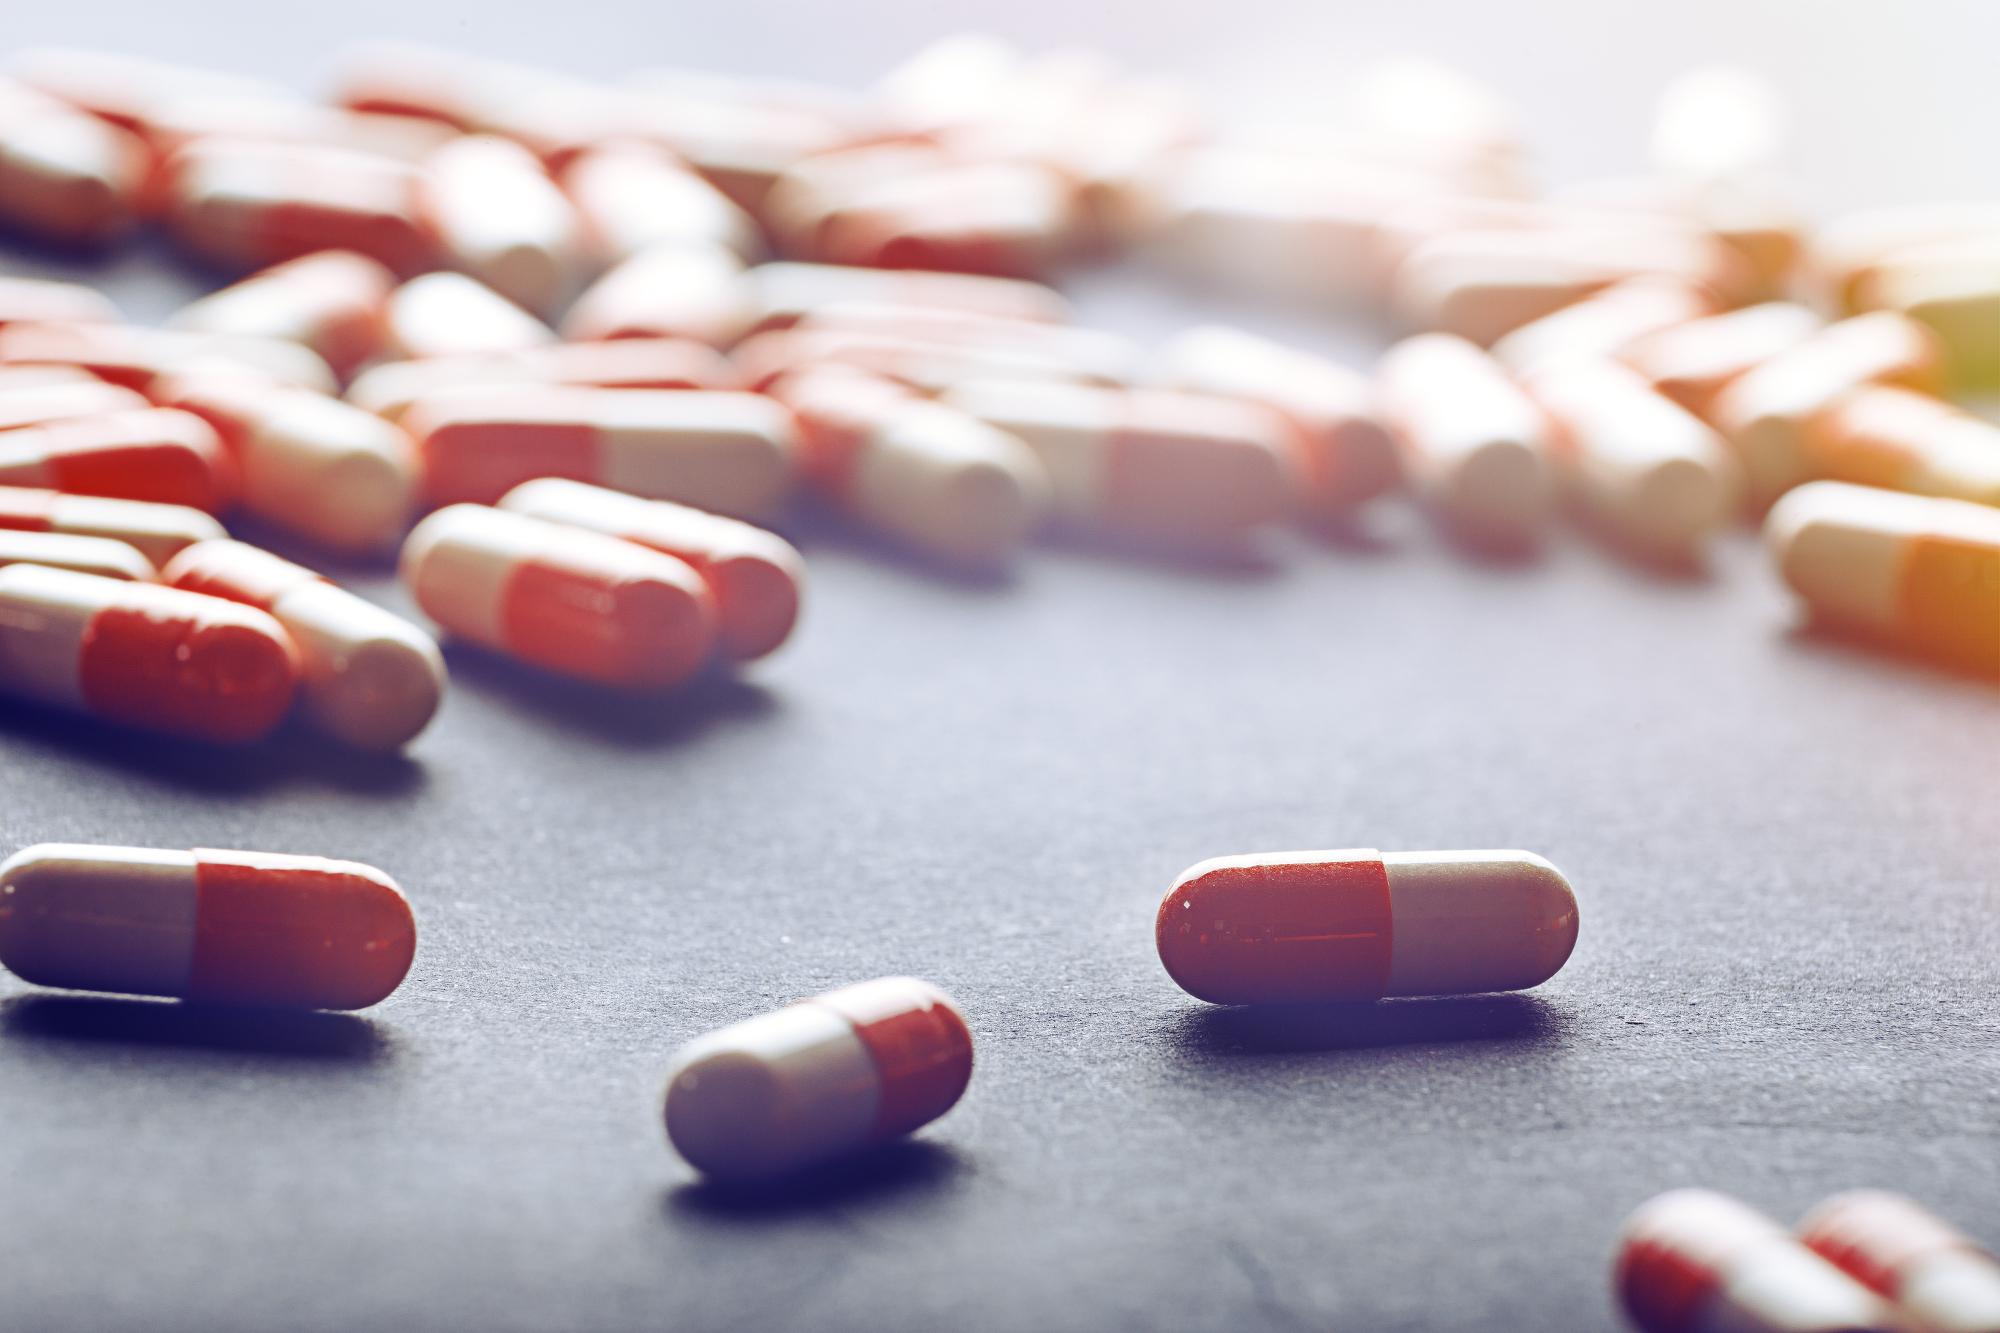 効いた薬にだけ支払いを。医薬品業界に見る「成功報酬型ビジネス」の可能性